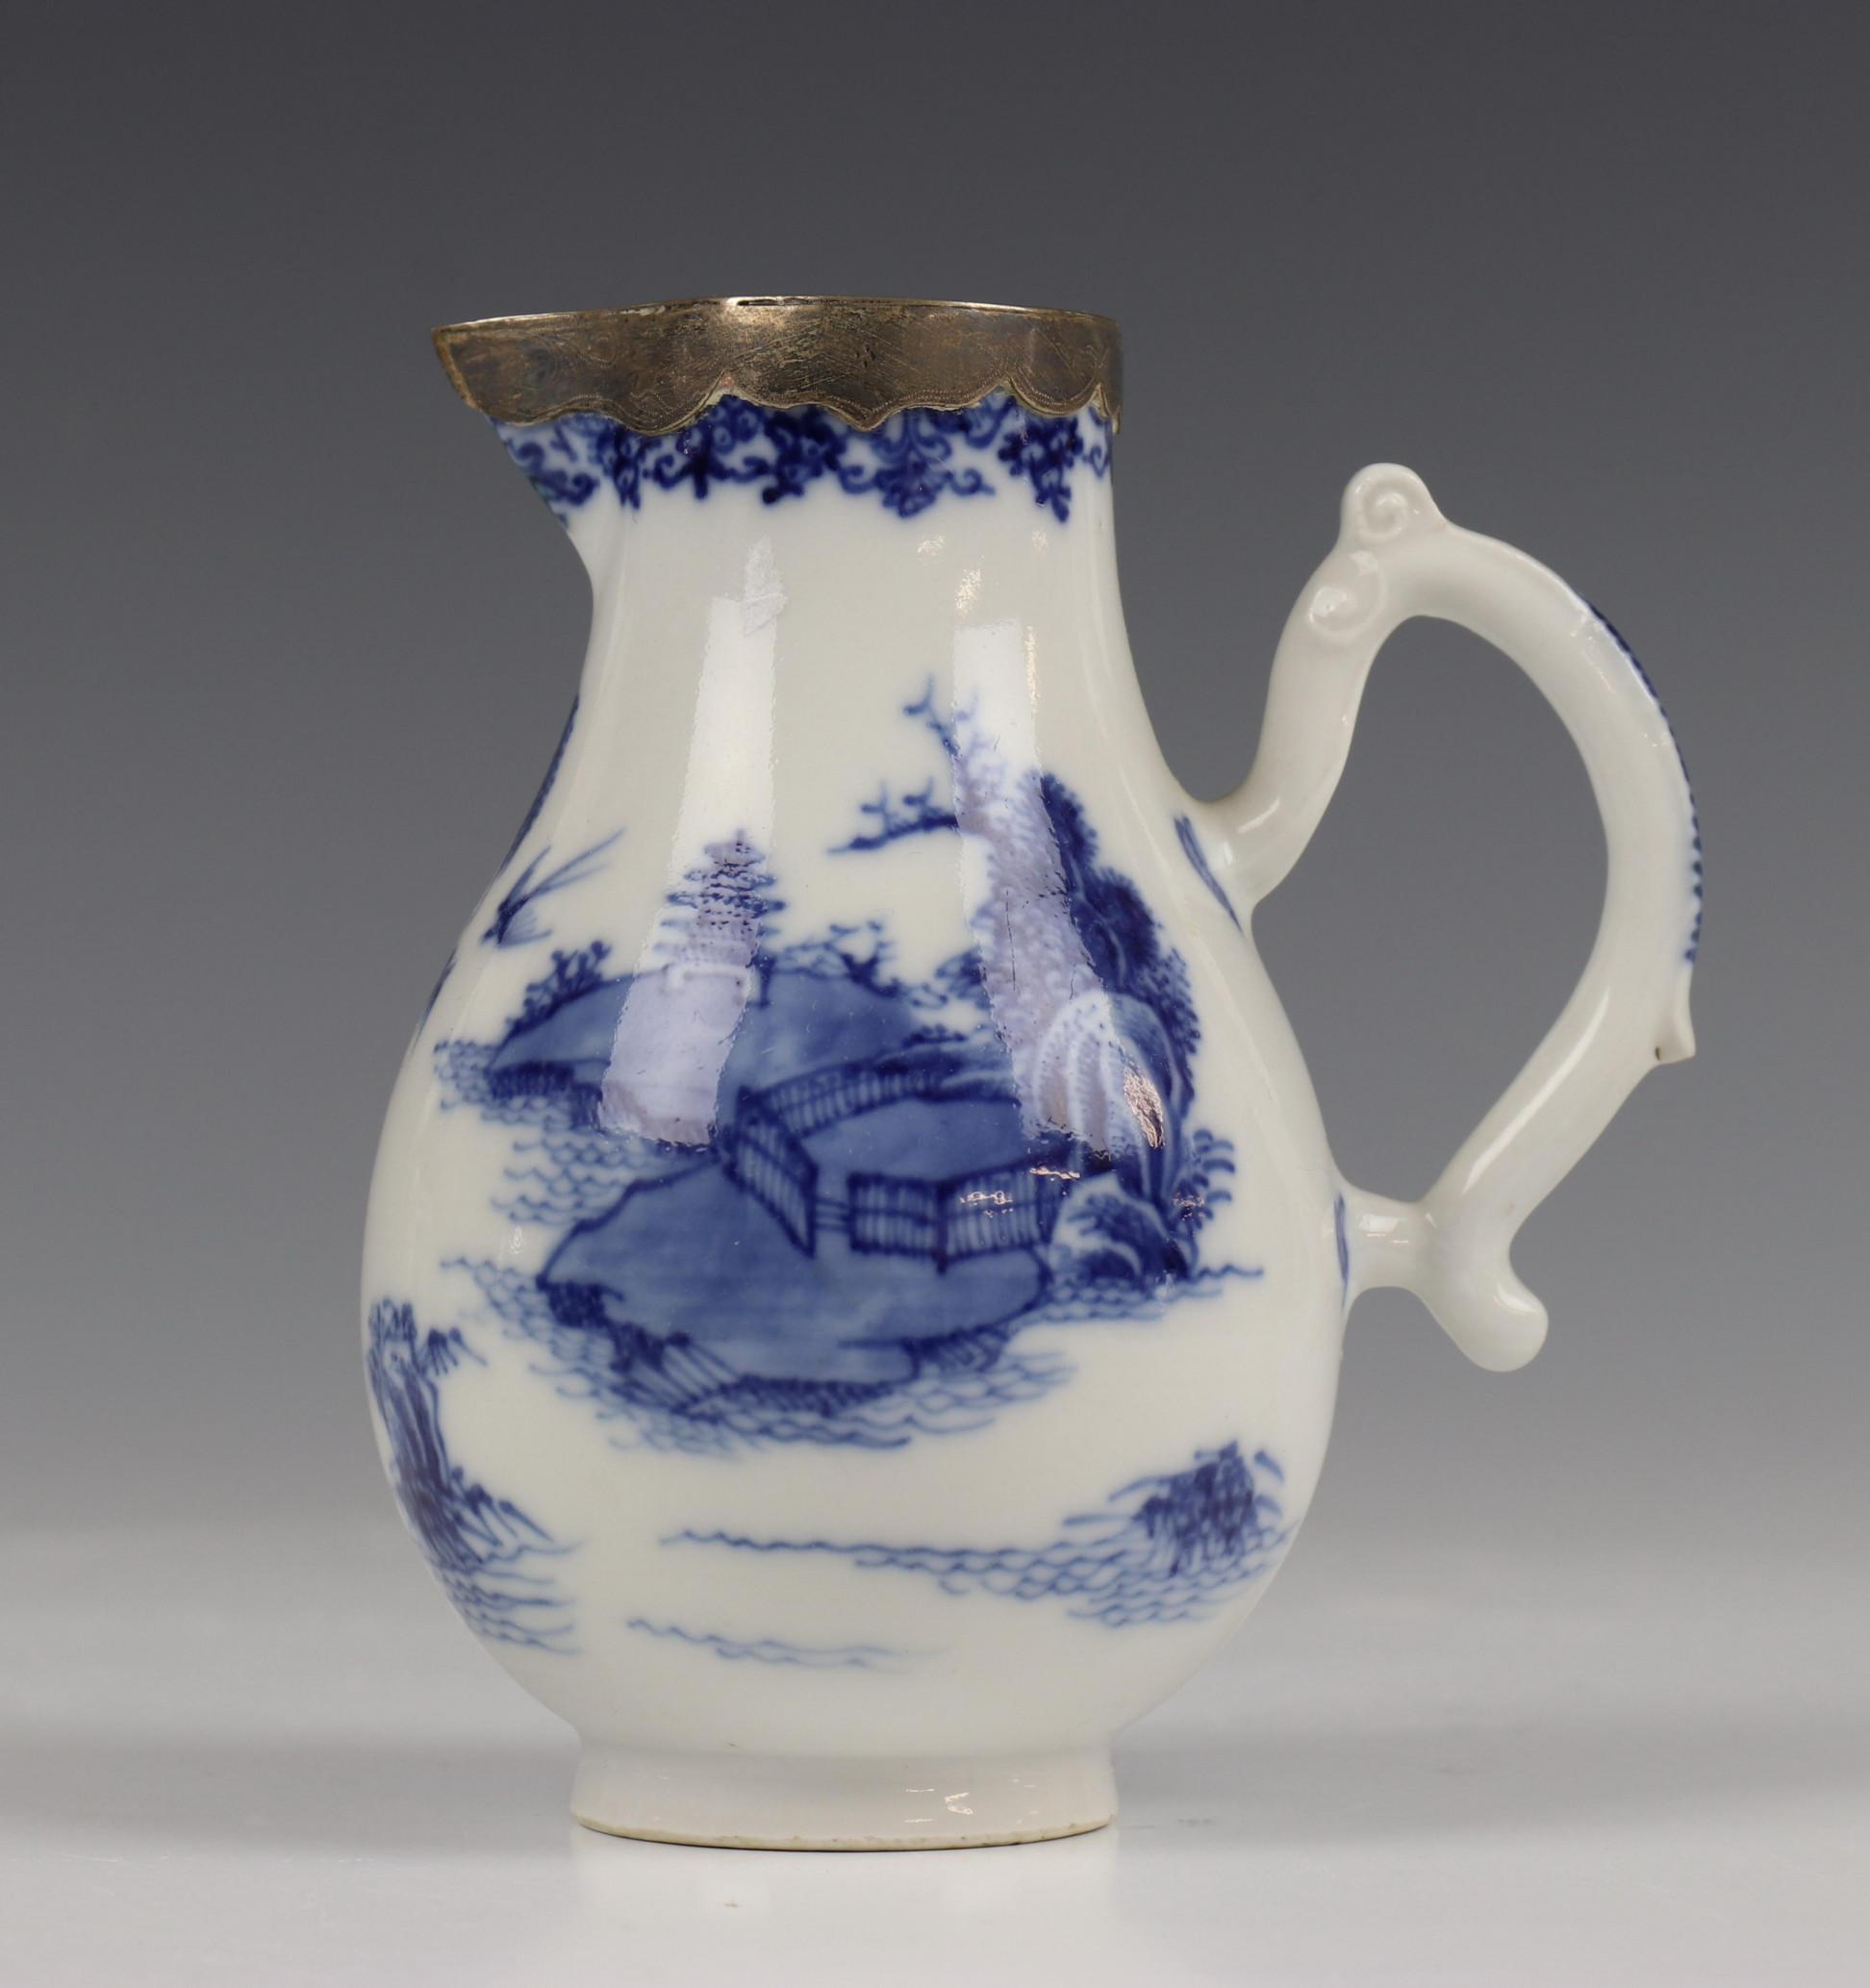 China, blauw-wit porseleinen trekpot, Imari trekpotje en melkkan, 18e eeuw, - Image 4 of 21